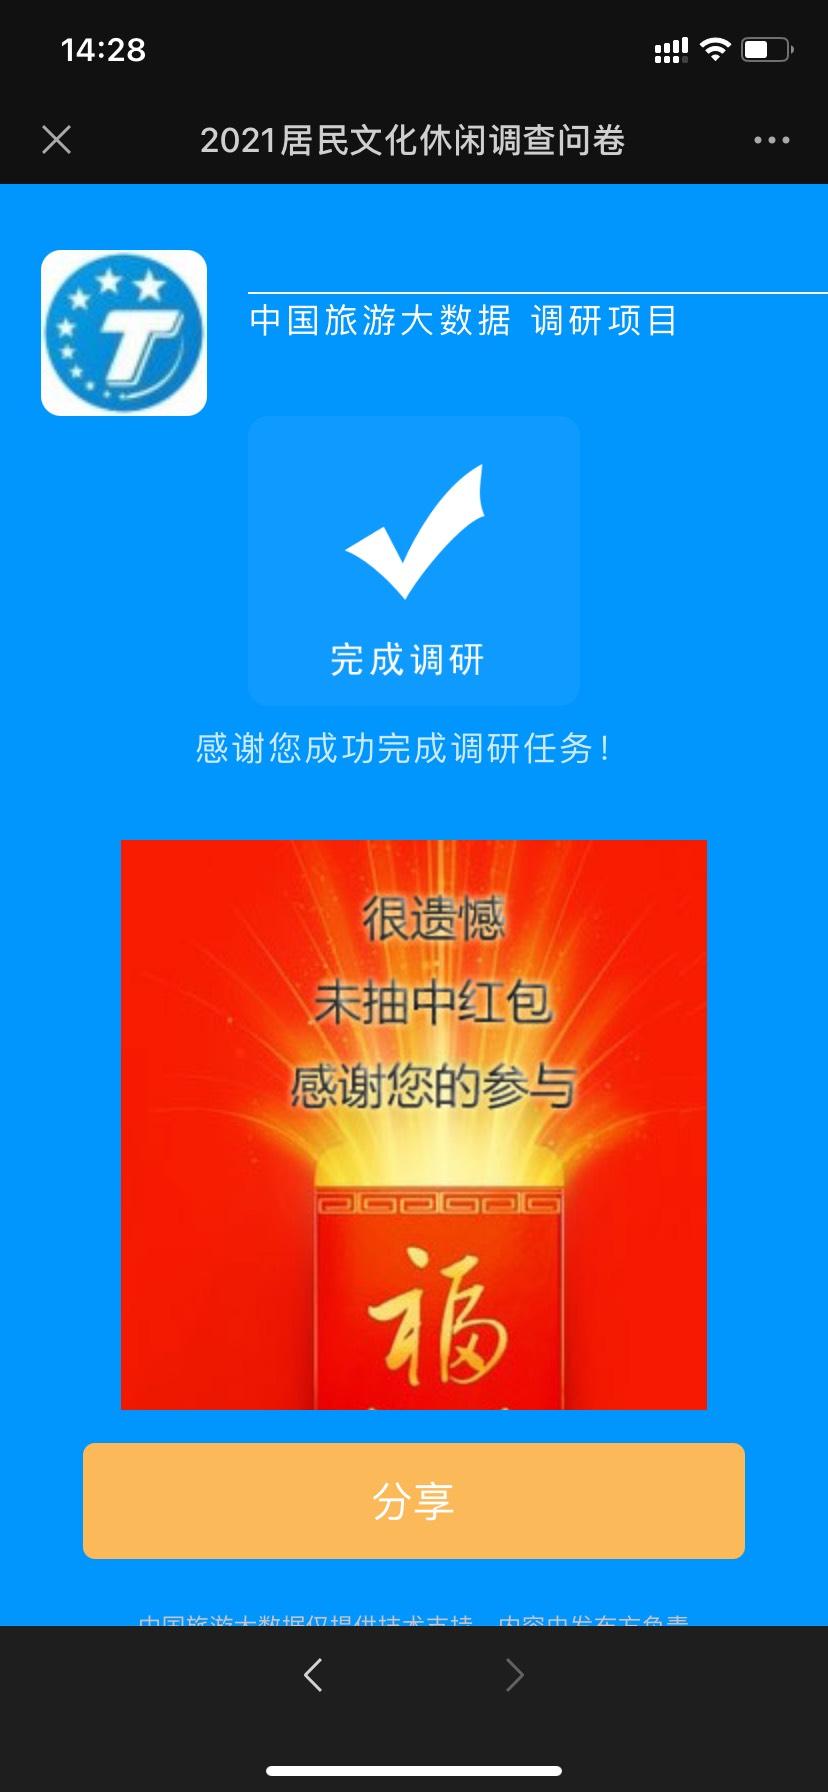 中国旅游大数据答题抽红包